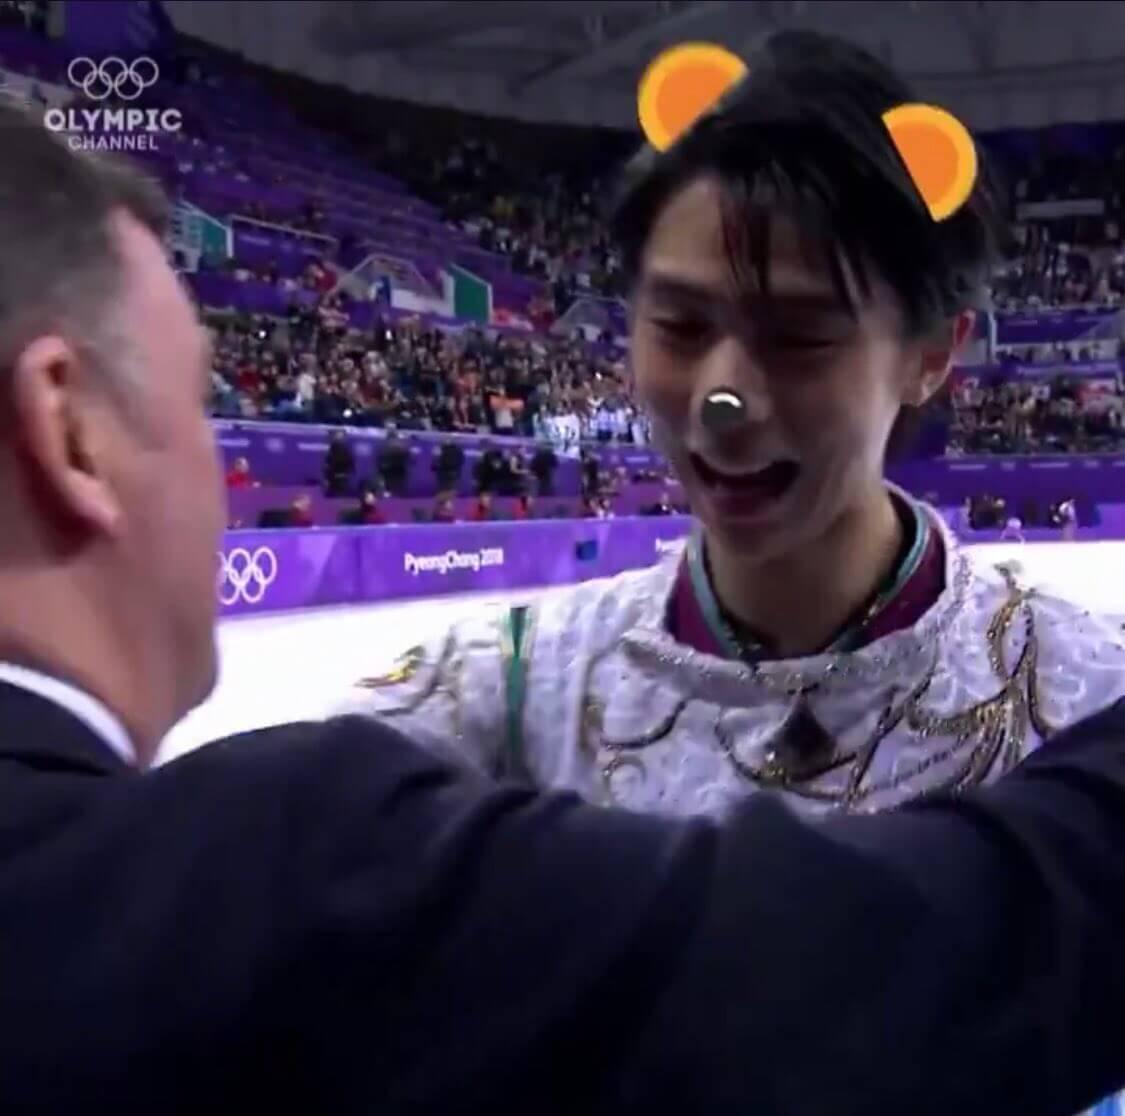 オリンピックチャンネル恒例の一言シリーズ、今回はオーサーの教え子達!